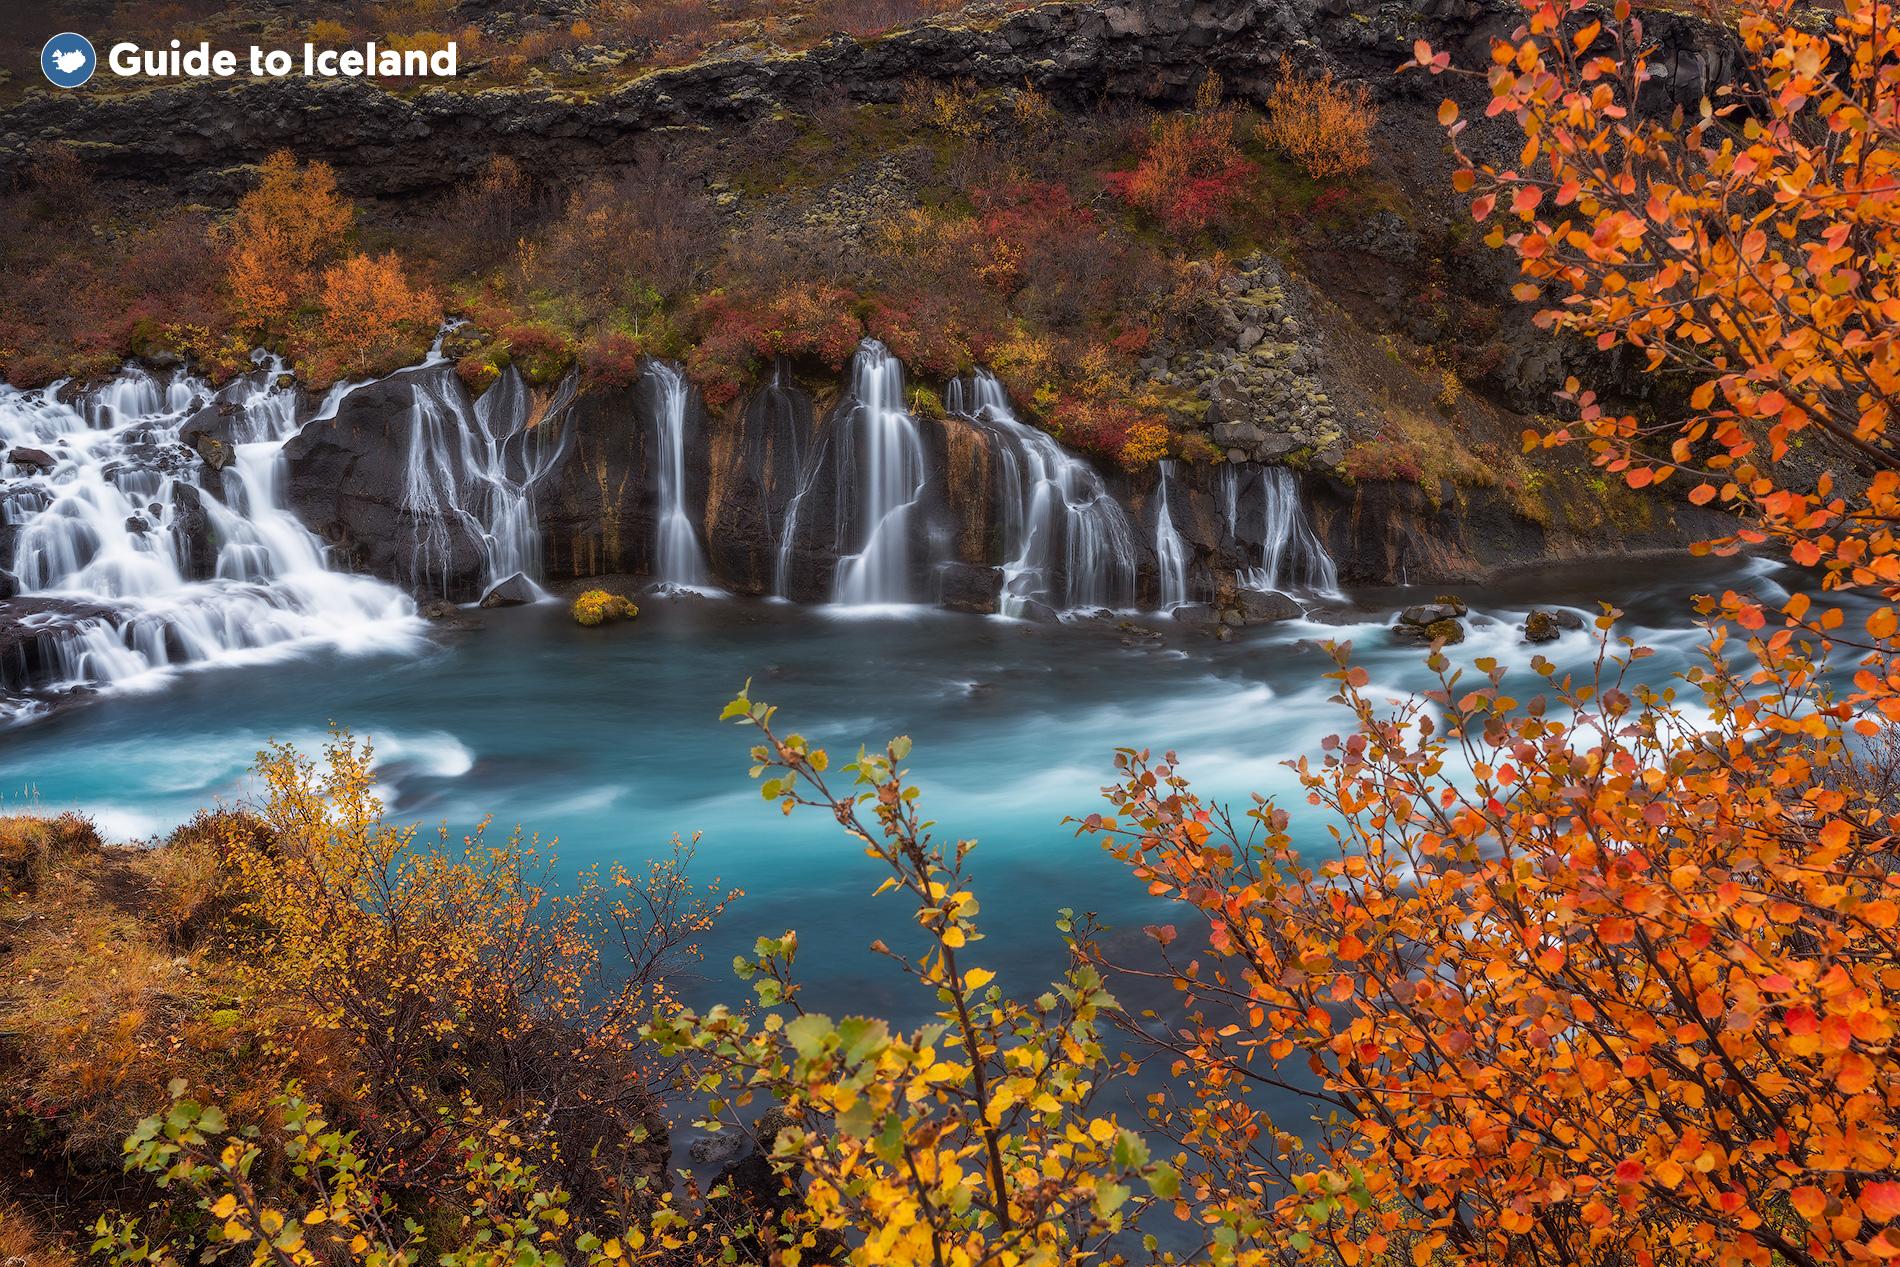 Piękne wodospady Hraunfossar są jedną z atrakcji często pomijanego zachodniego wybrzeża Islandii.